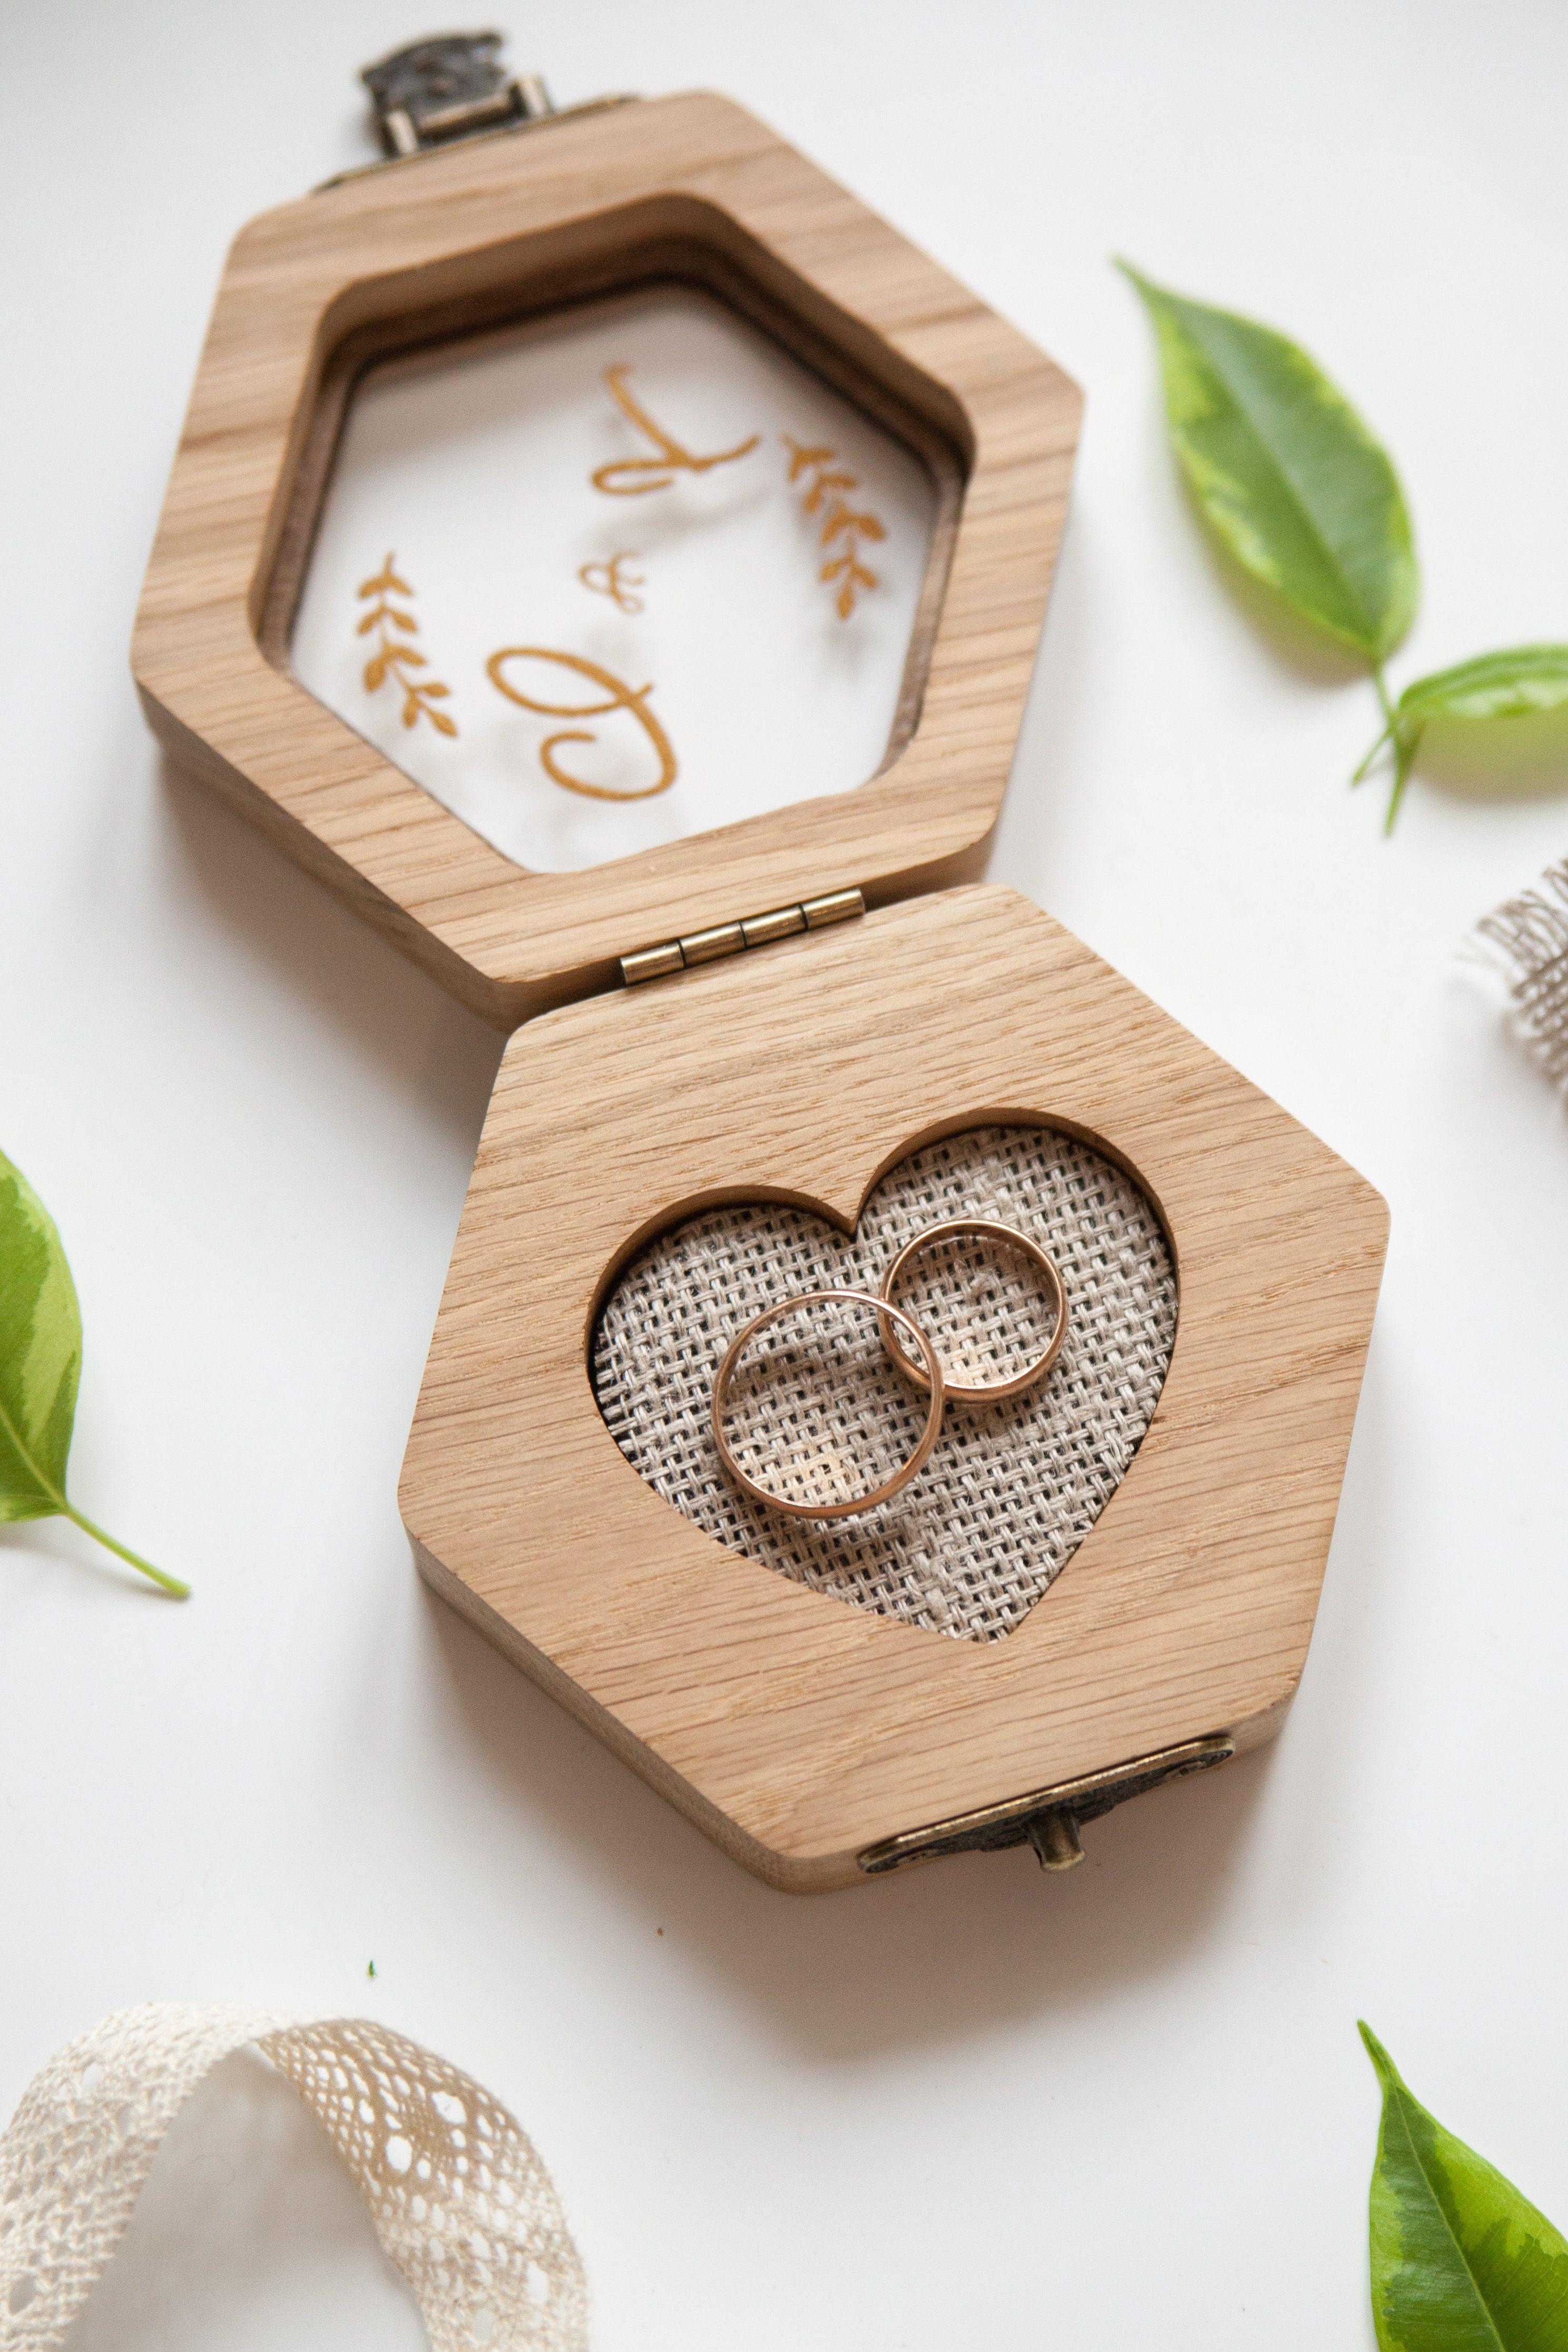 Hexagon Wedding Ring Box Wedding Decor Personalized Wooden Etsy In 2020 Wedding Ring Box Wood Ring Box Wedding Wooden Engagement Ring Boxes